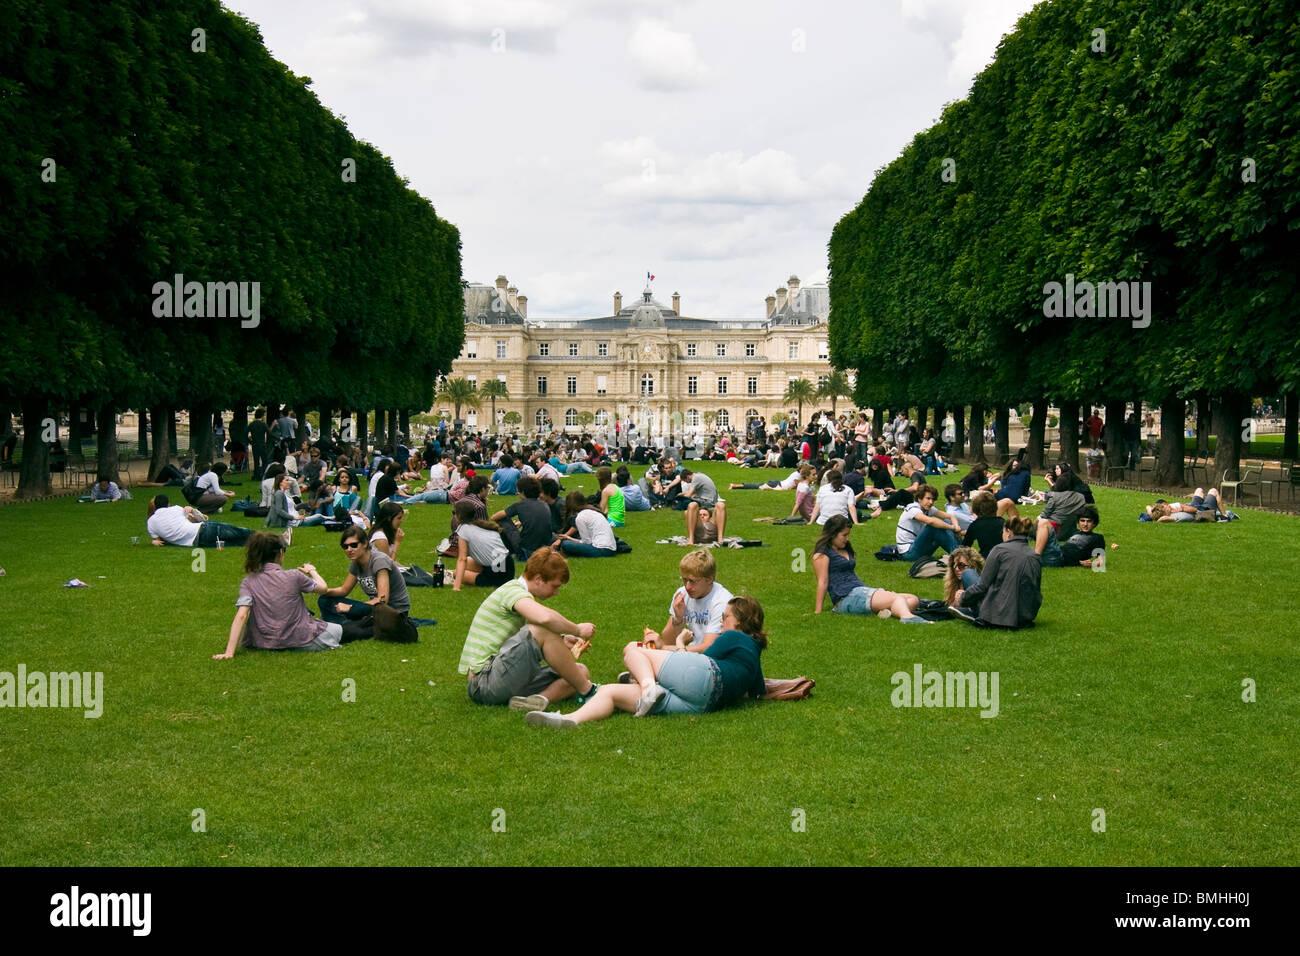 Parisern genießen Sie einen sonnigen Tag im Parc du Luxembourg, Paris, Frankreich Stockbild